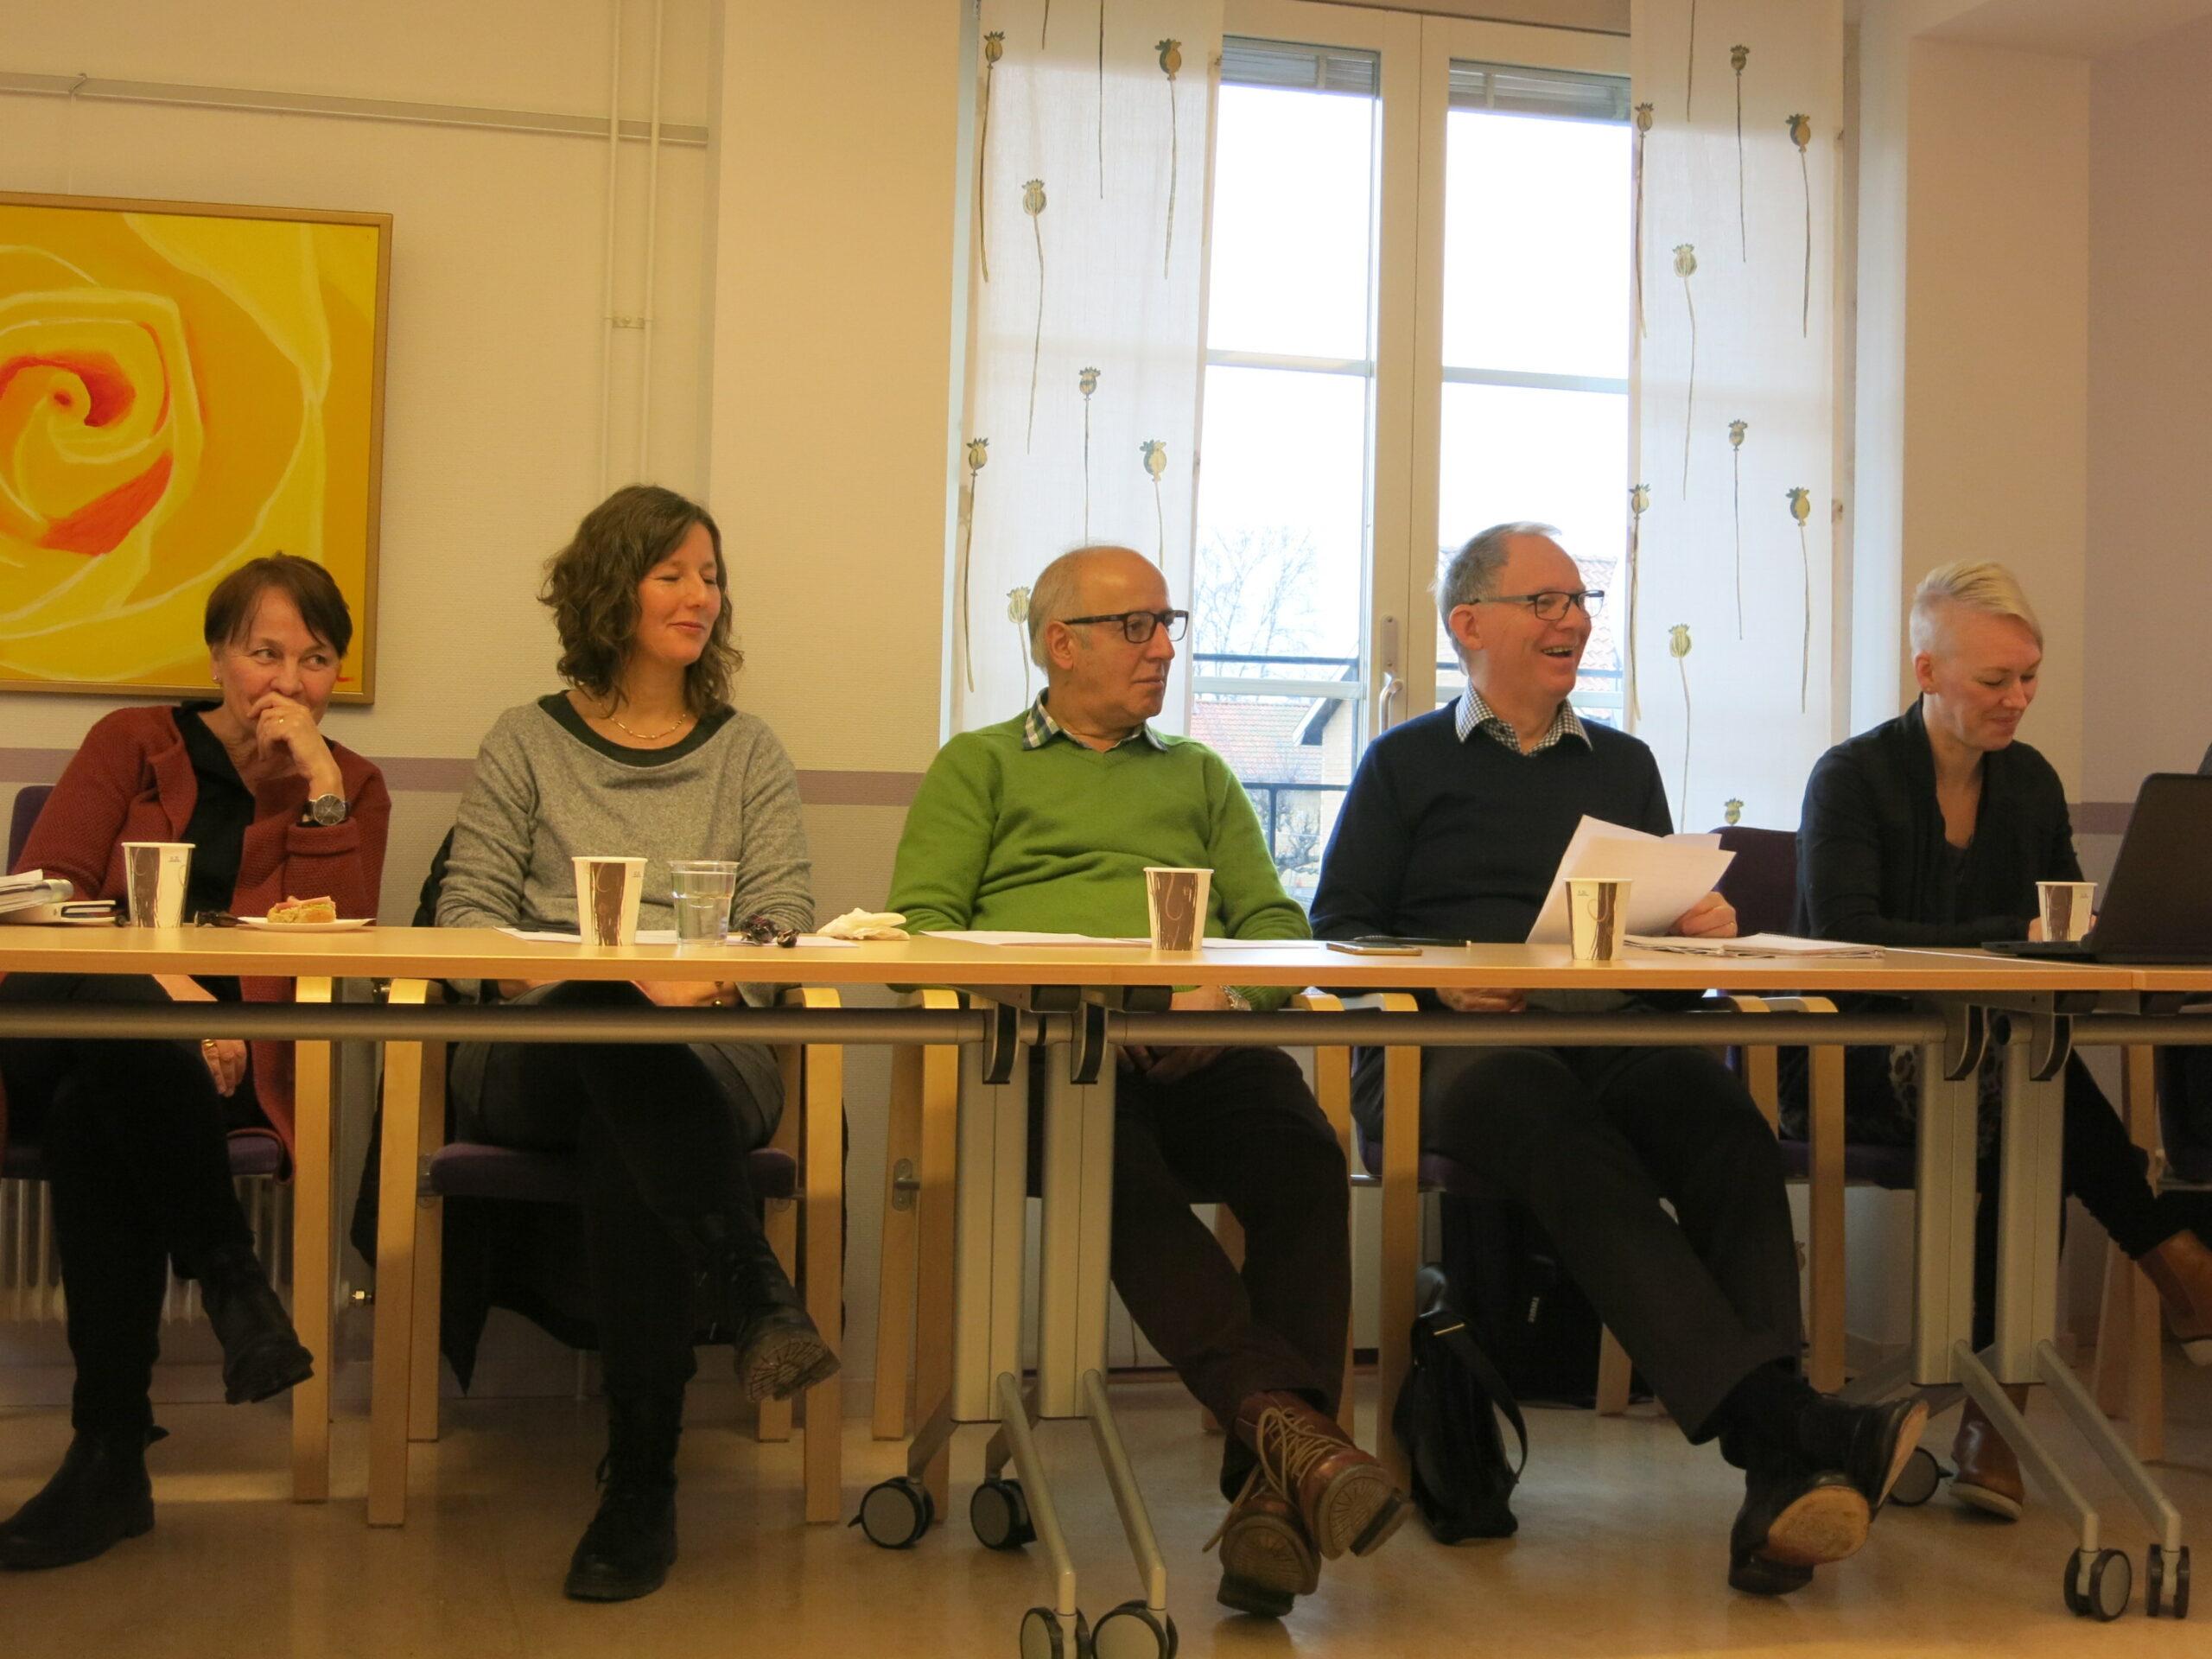 Årsmötet i Vimmerby-2016